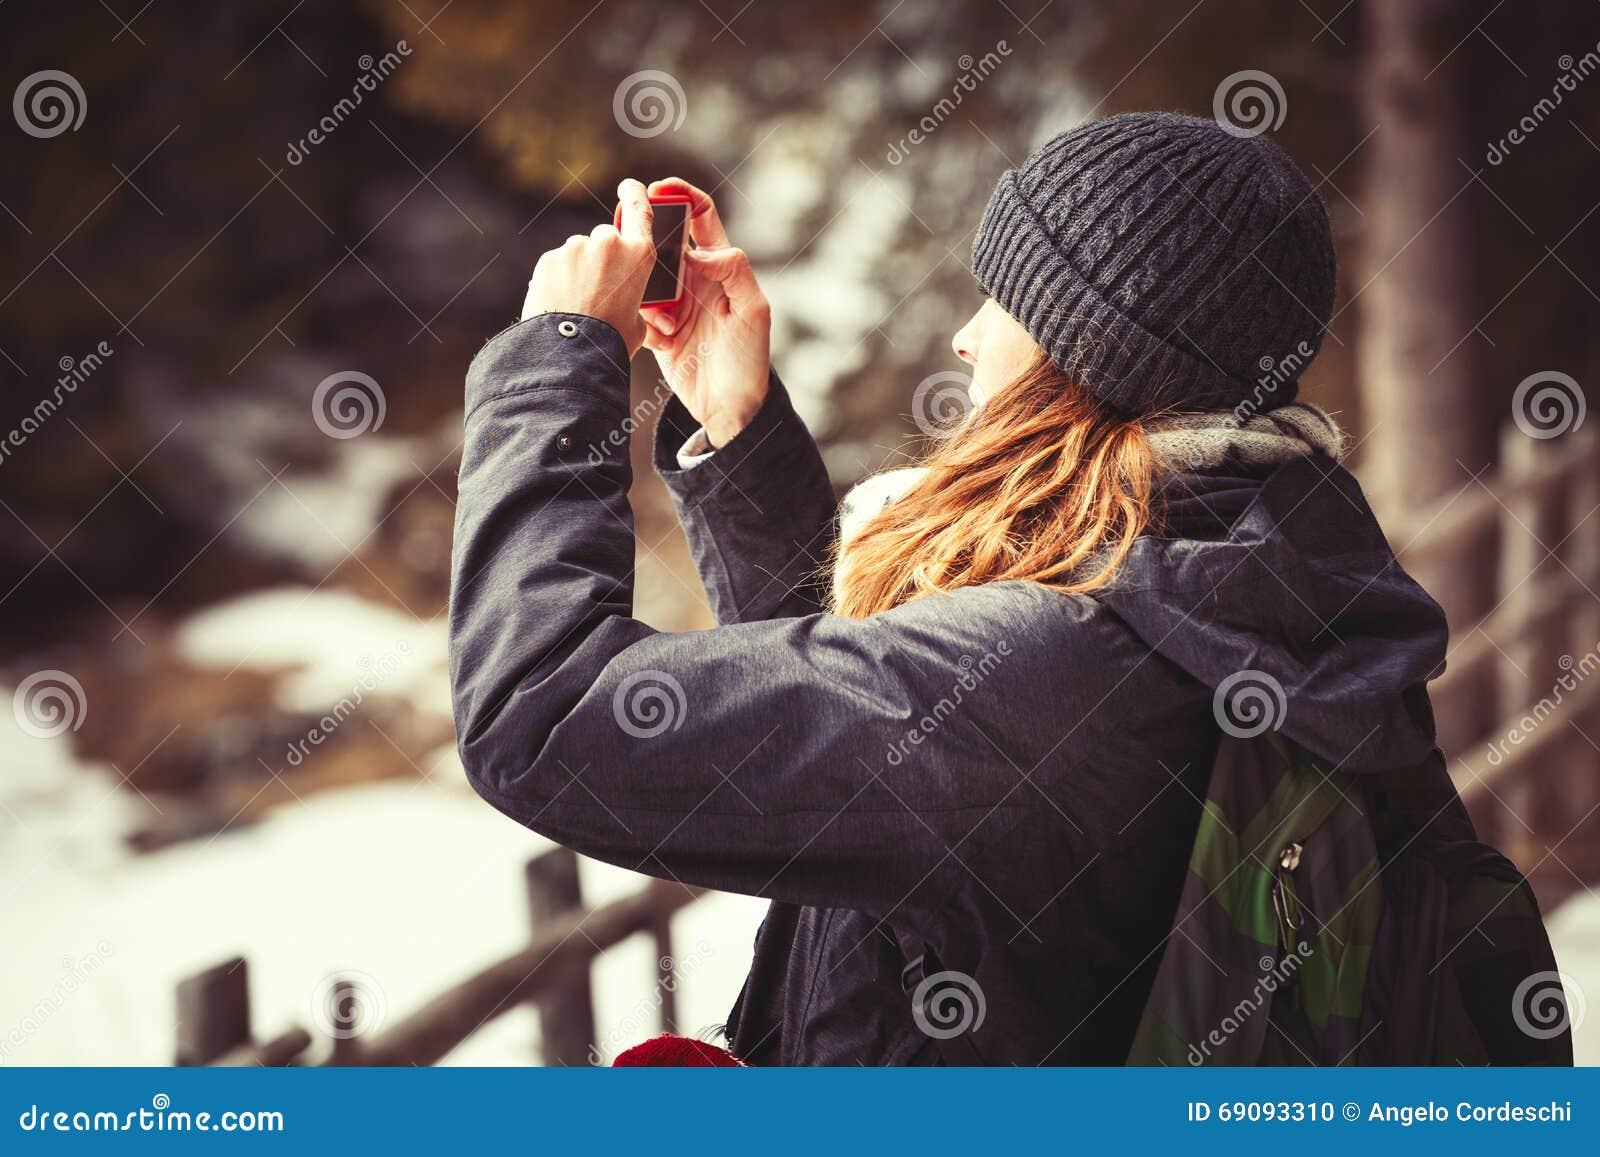 拍照片的冒险旅游妇女 高涨